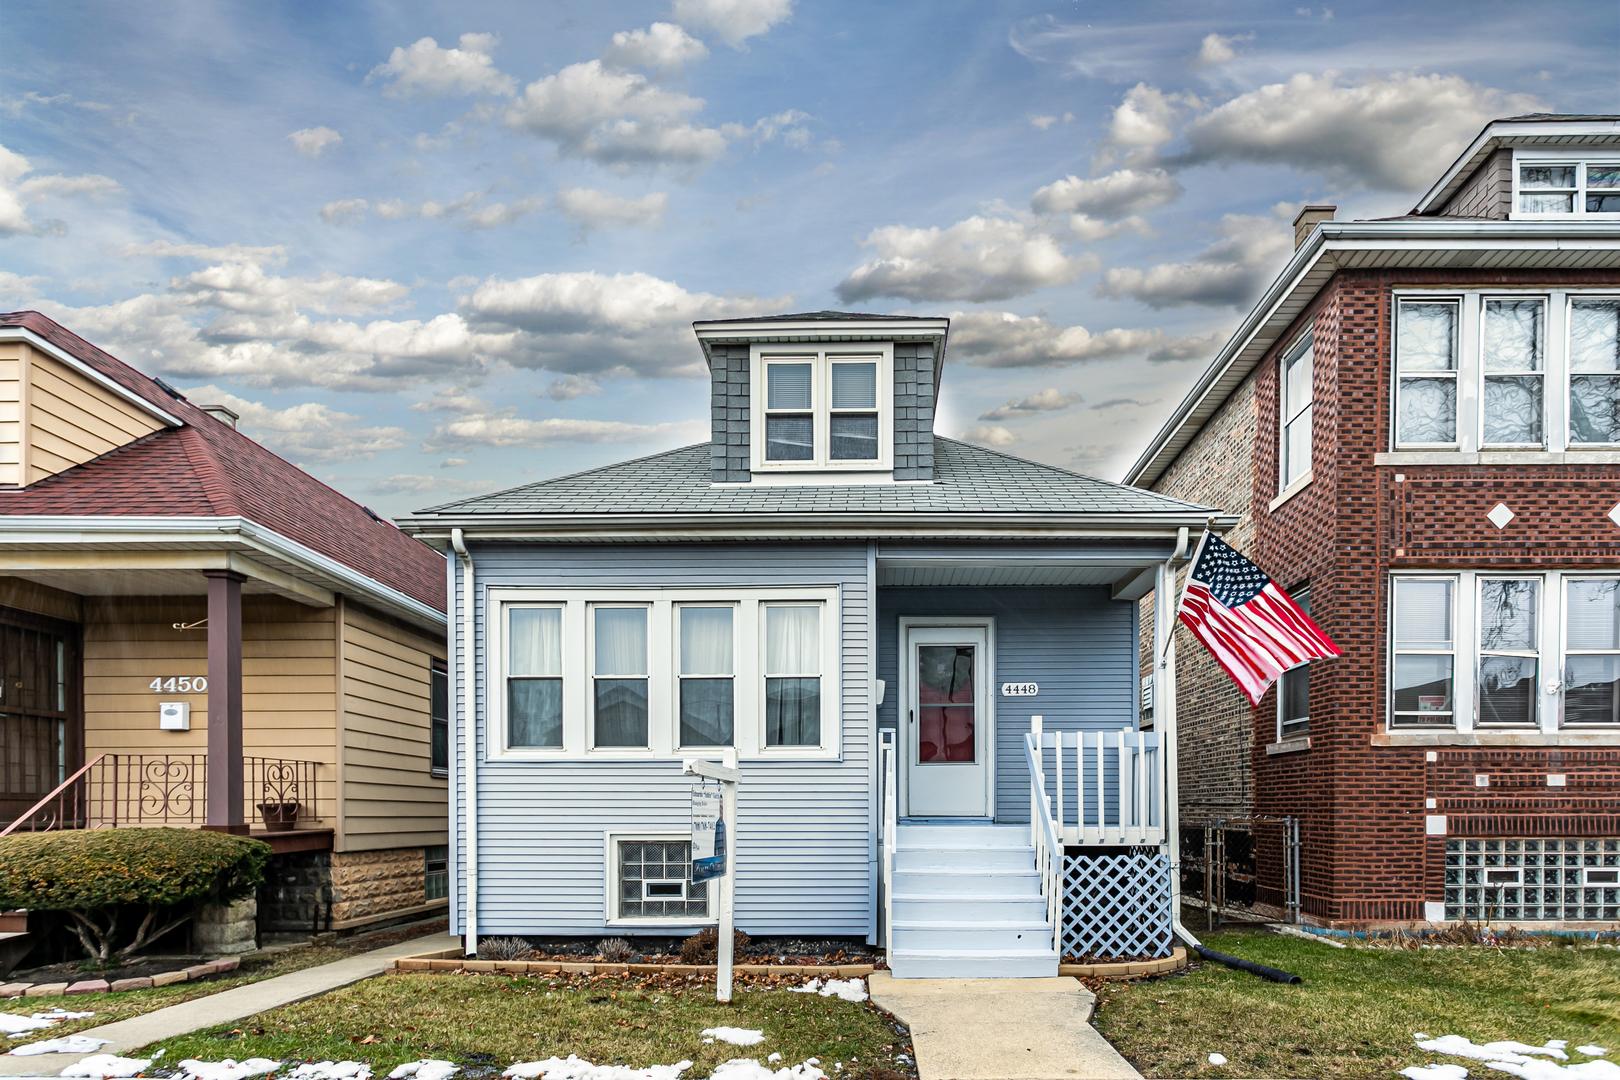 4448 S St Louis Exterior Photo